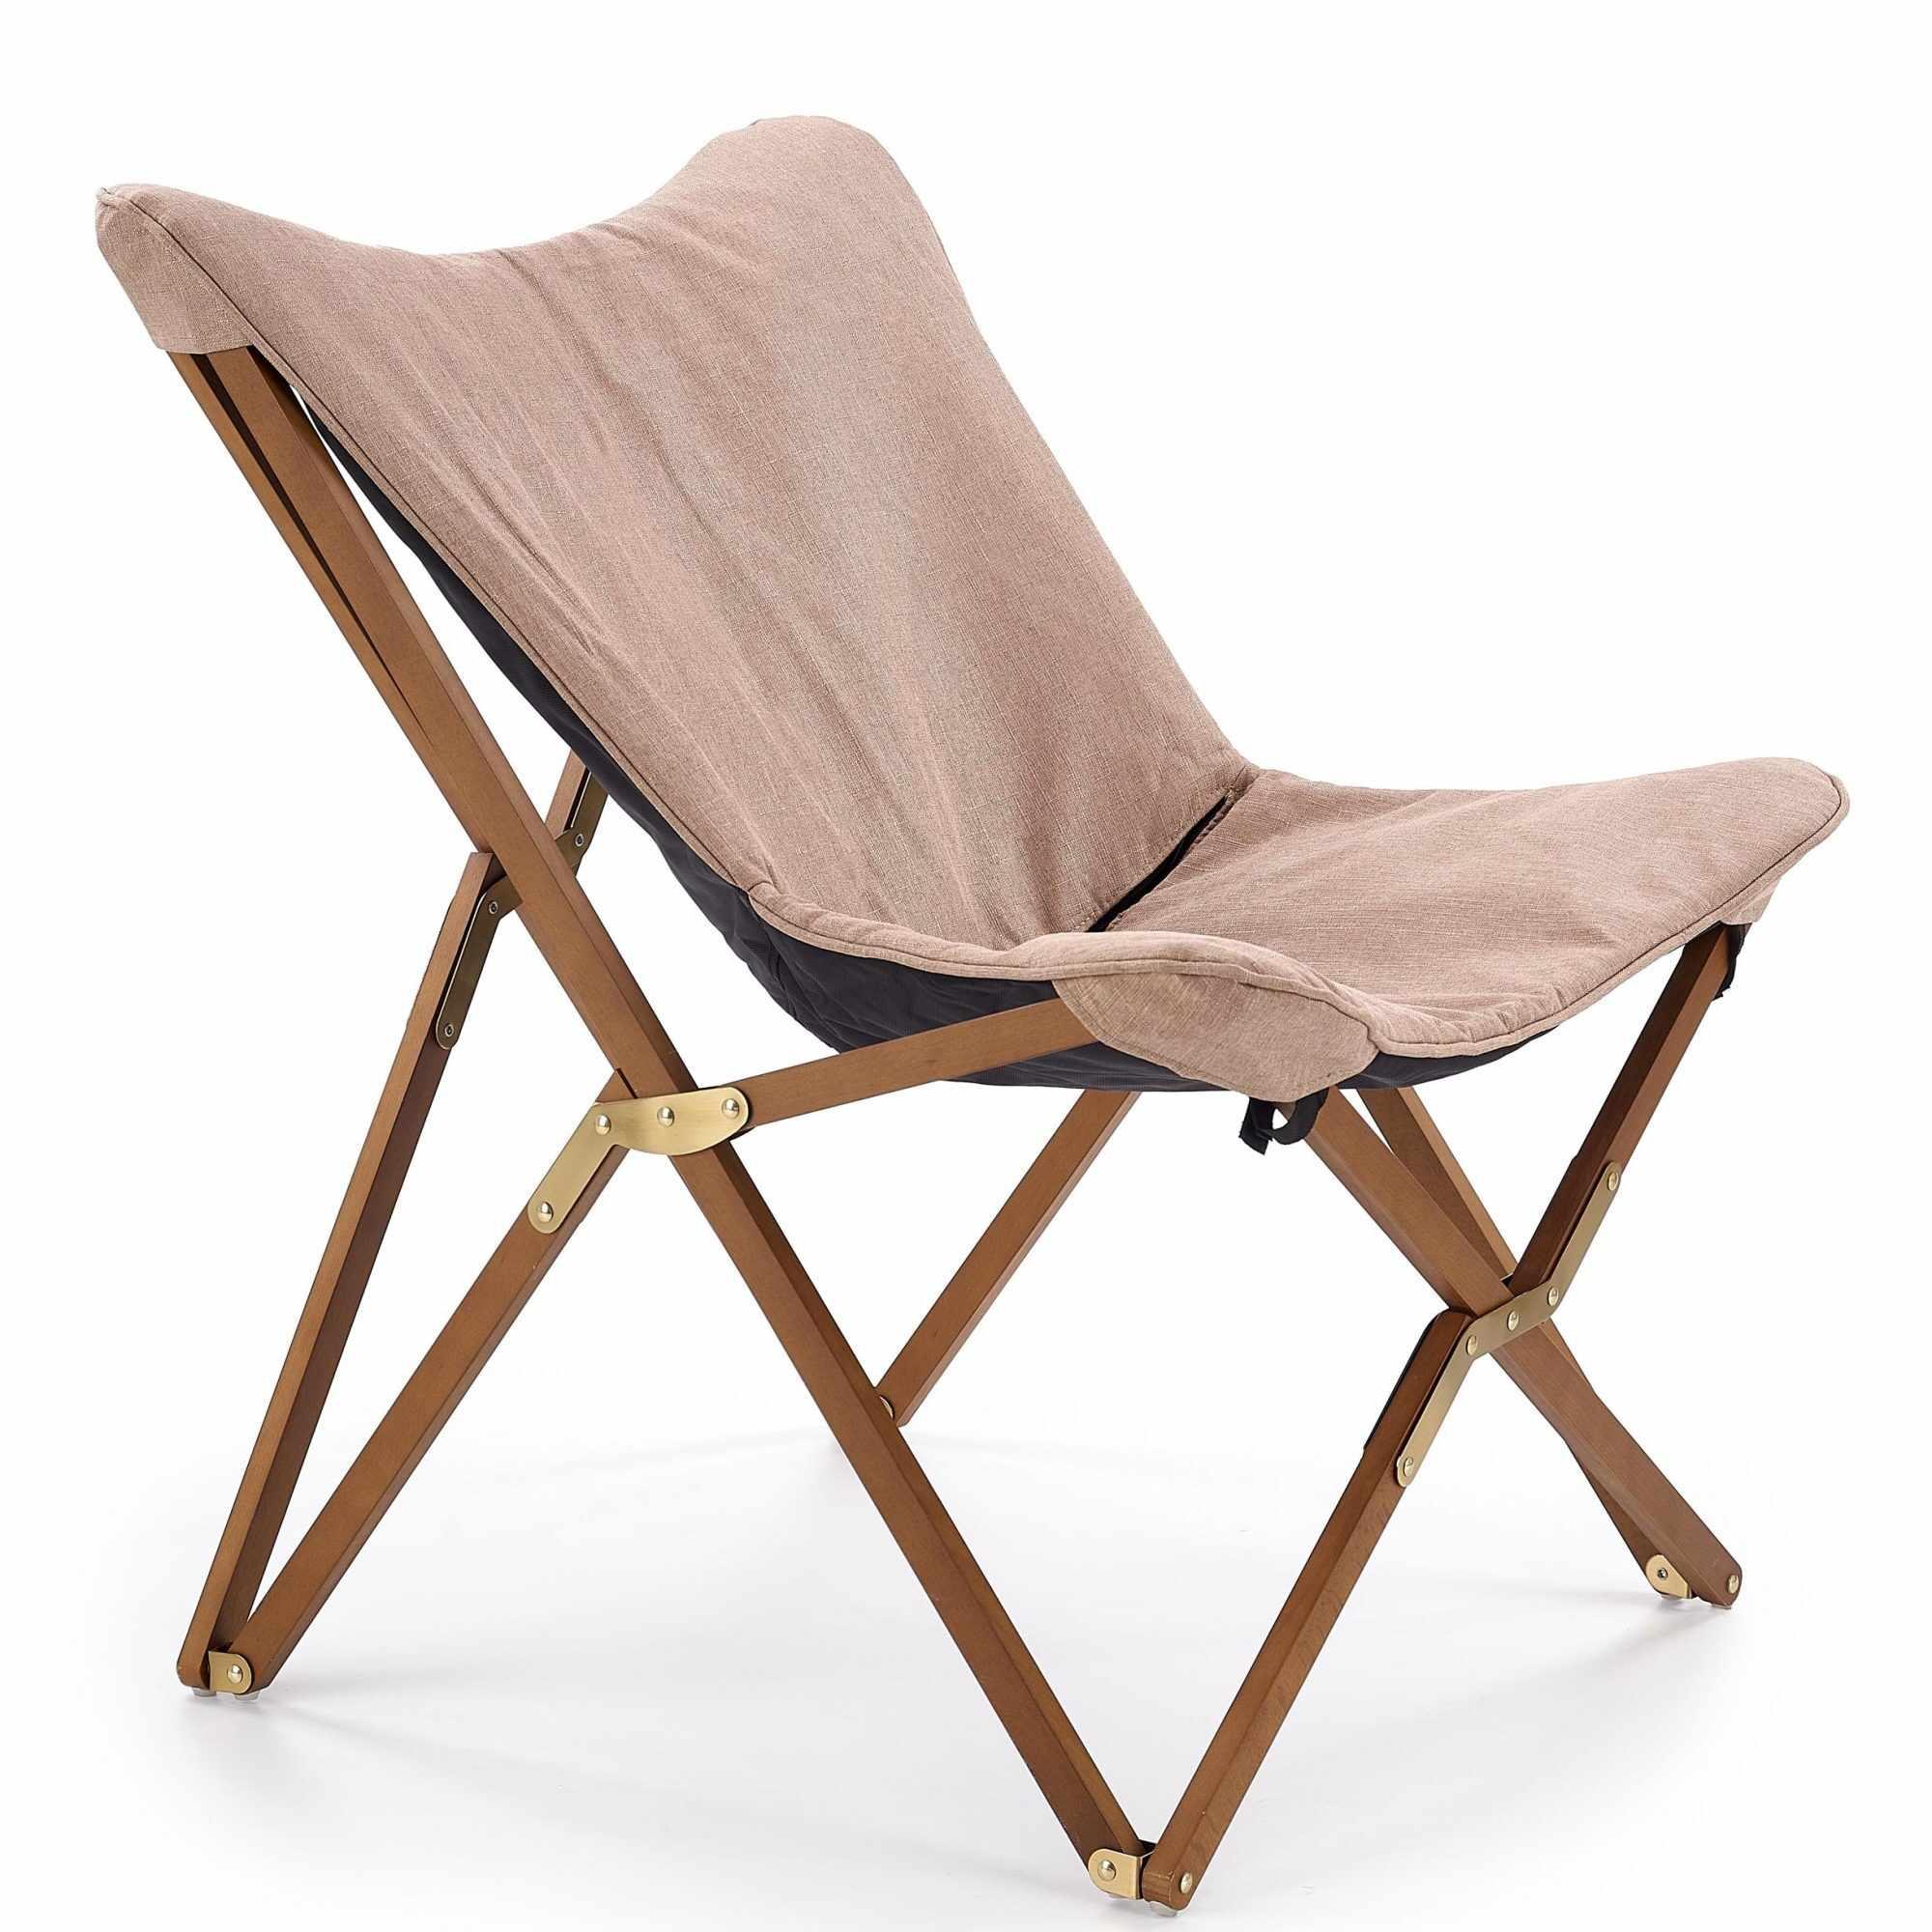 Scaun pliabil din lemn si stofa Volant Beige / Walnut, l76xA83xH97 cm la pret 383 lei